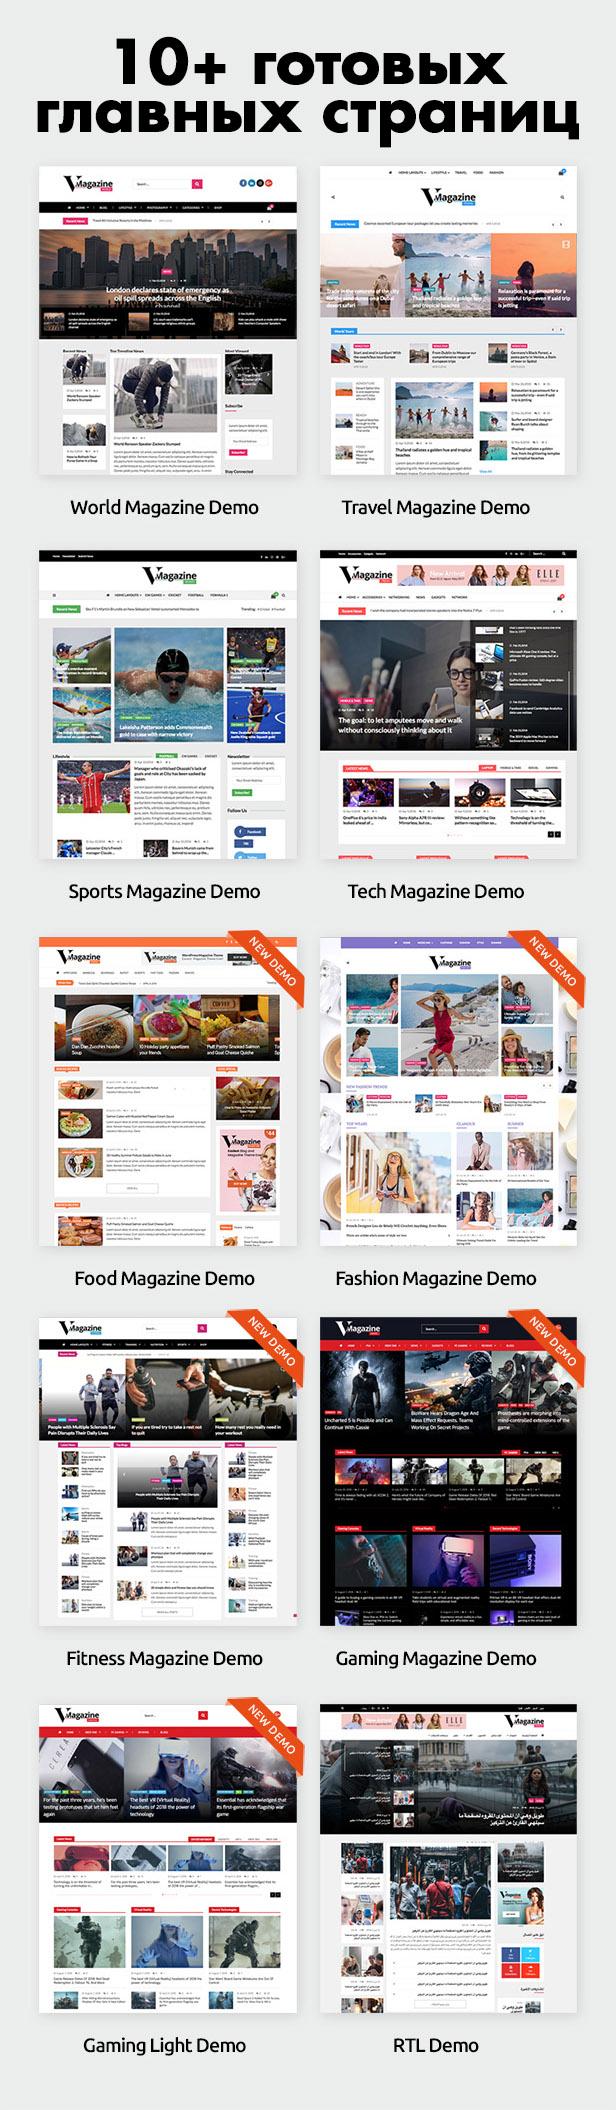 скачать Vmagazine 1.1.2 бесплатно без регистрации